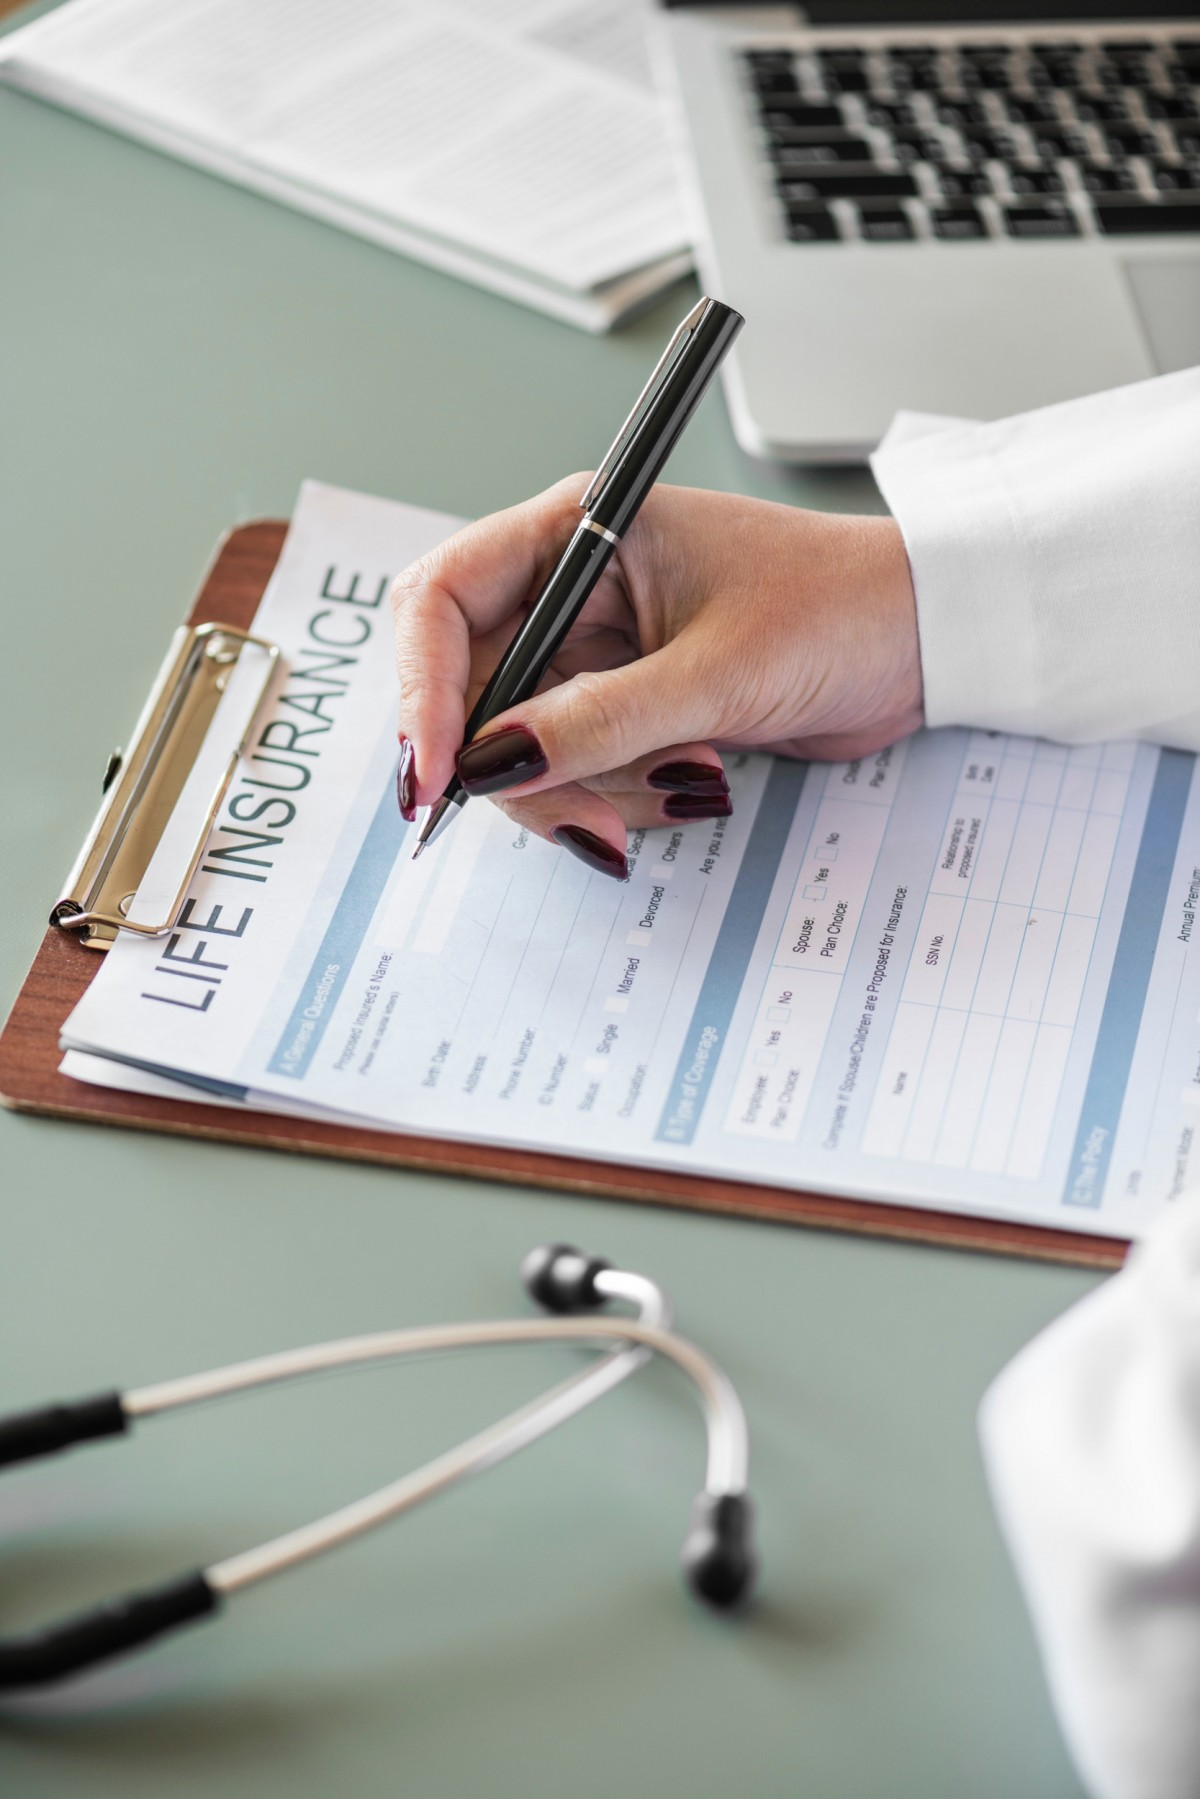 סירוב לבדיקה רפואית